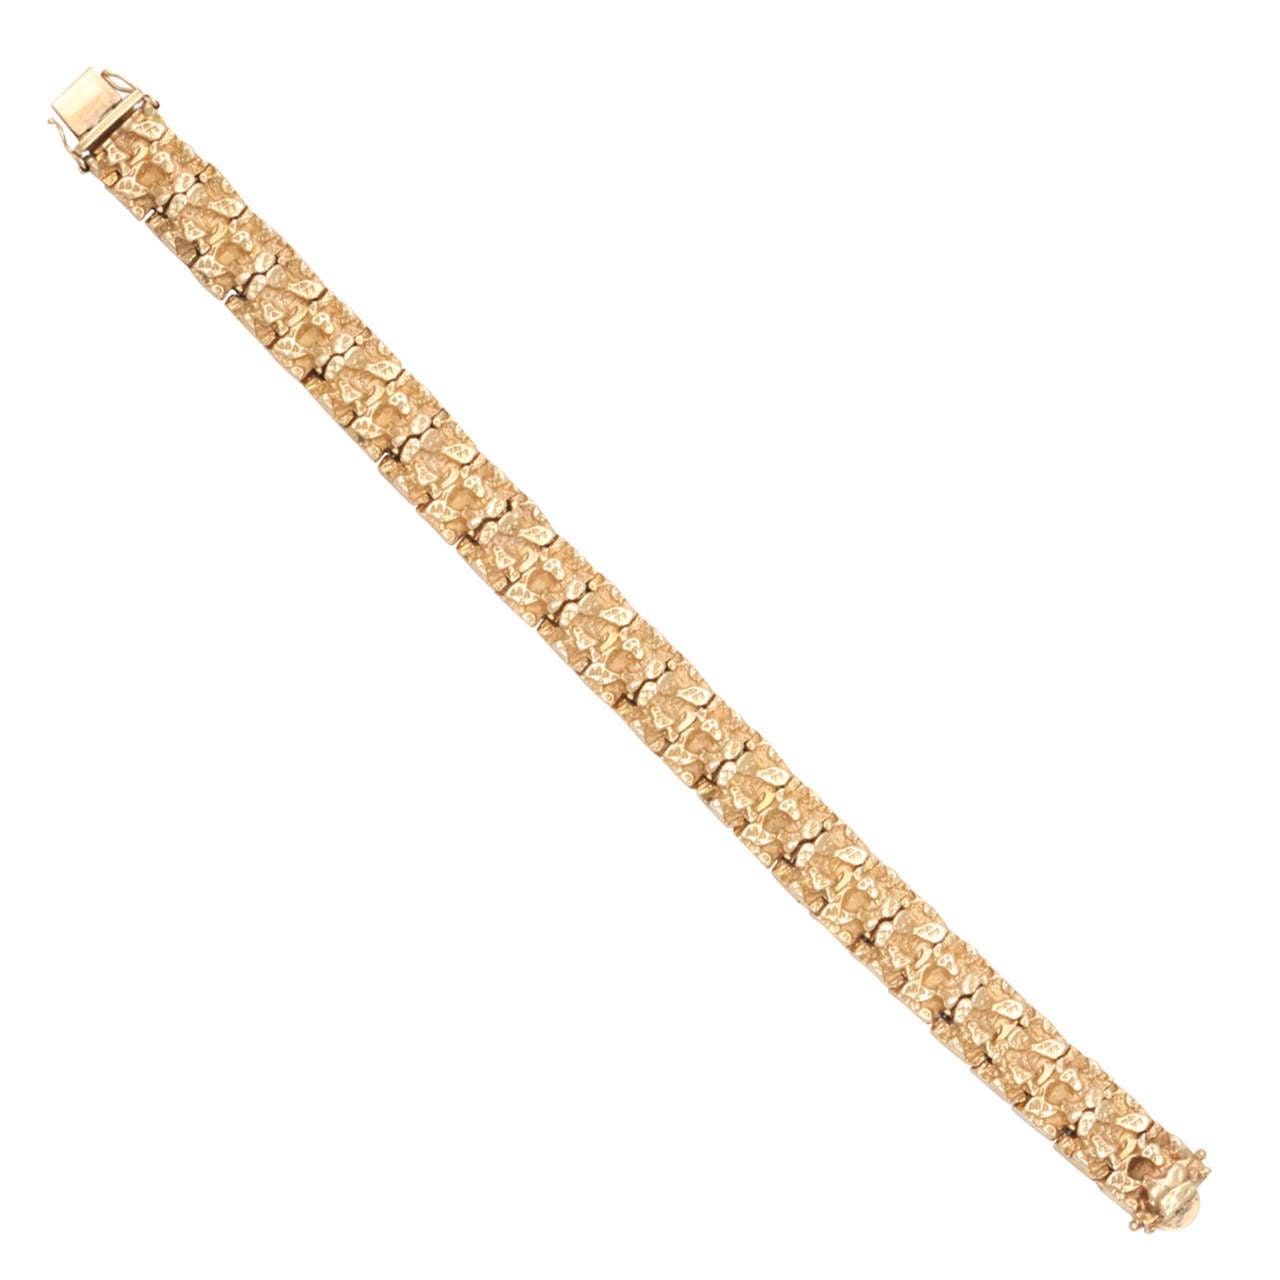 Segmented Nugget Link Bracelet